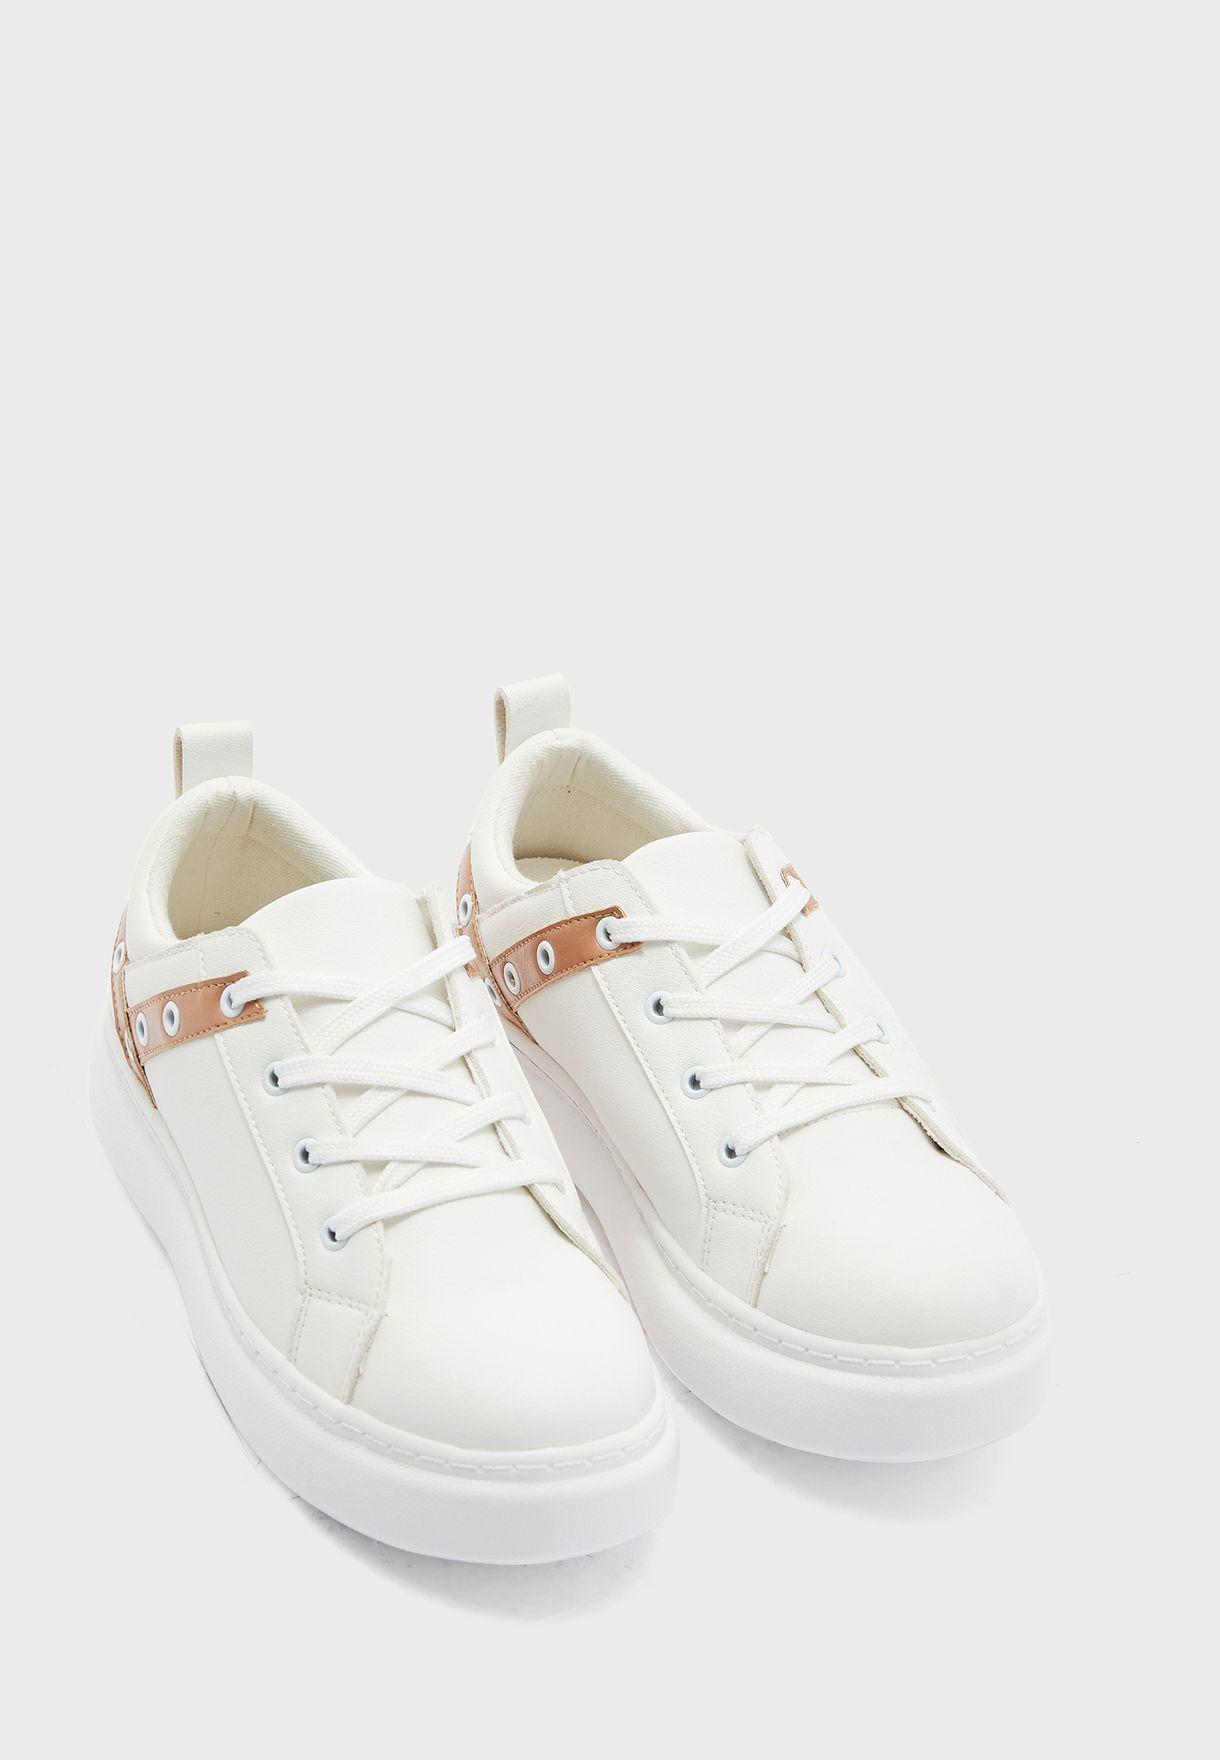 Eyelet Low Top Sneaker